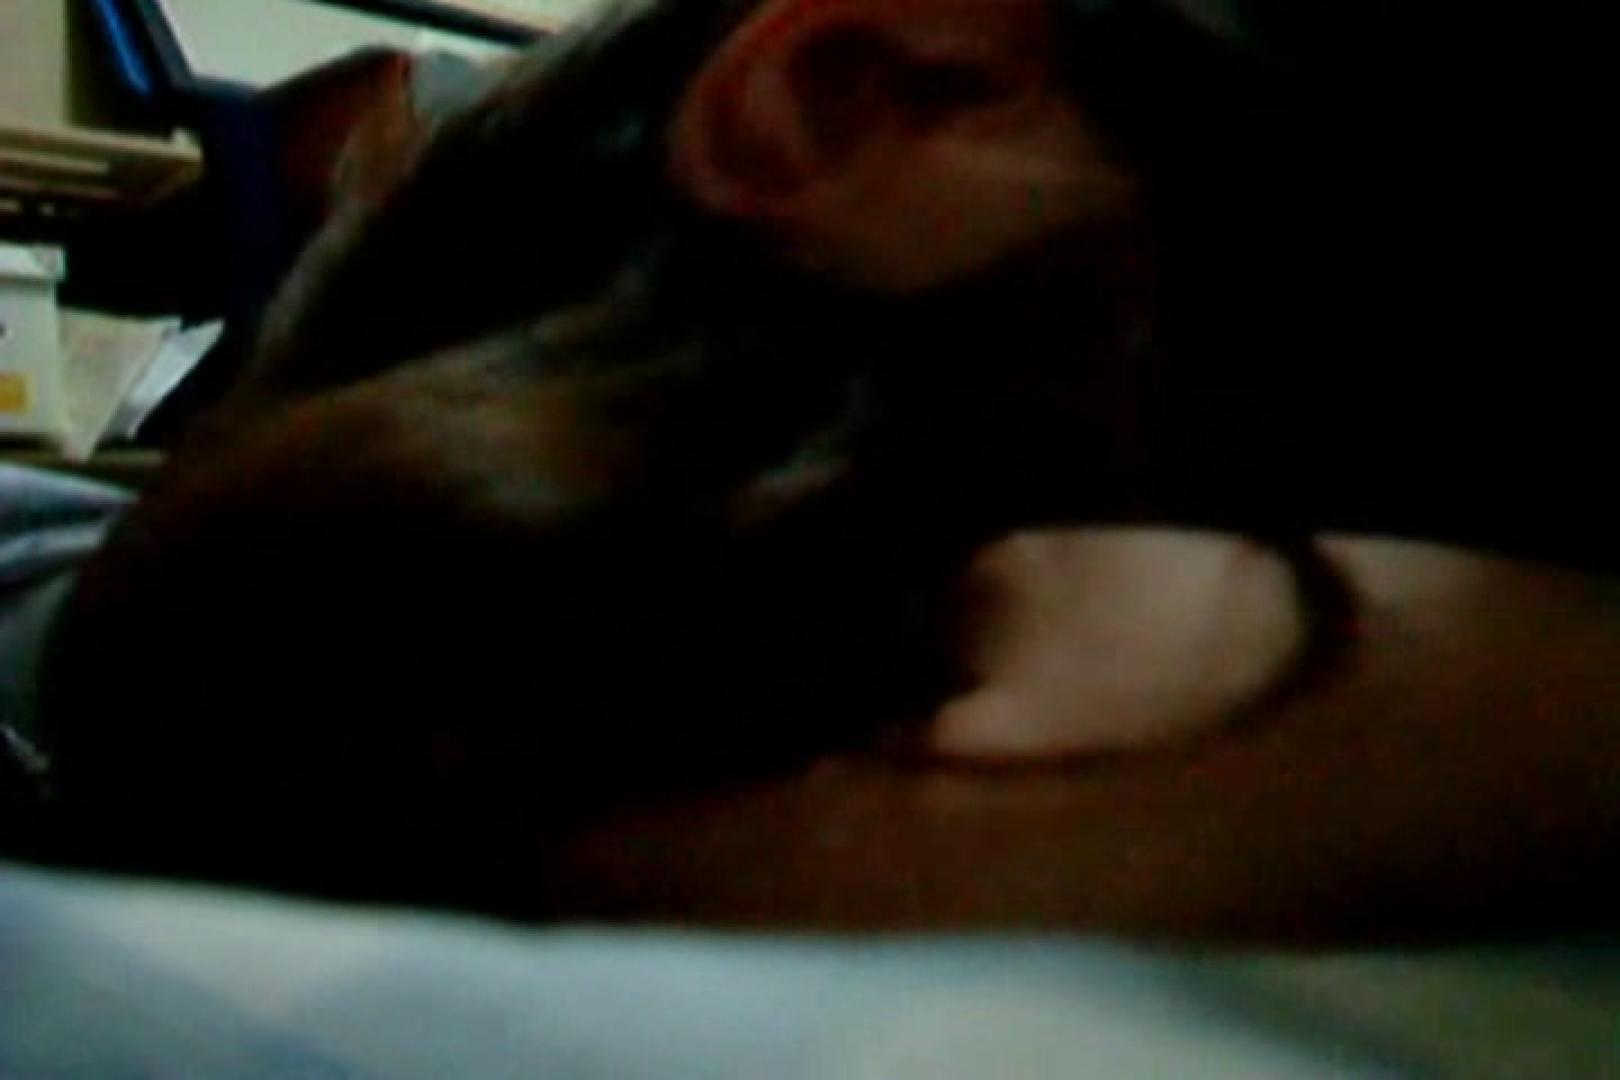 ウイルス流出 鹿児島県庁職員 中瀬瀬久成の流出ビデオ 流出作品 | 0  101画像 10